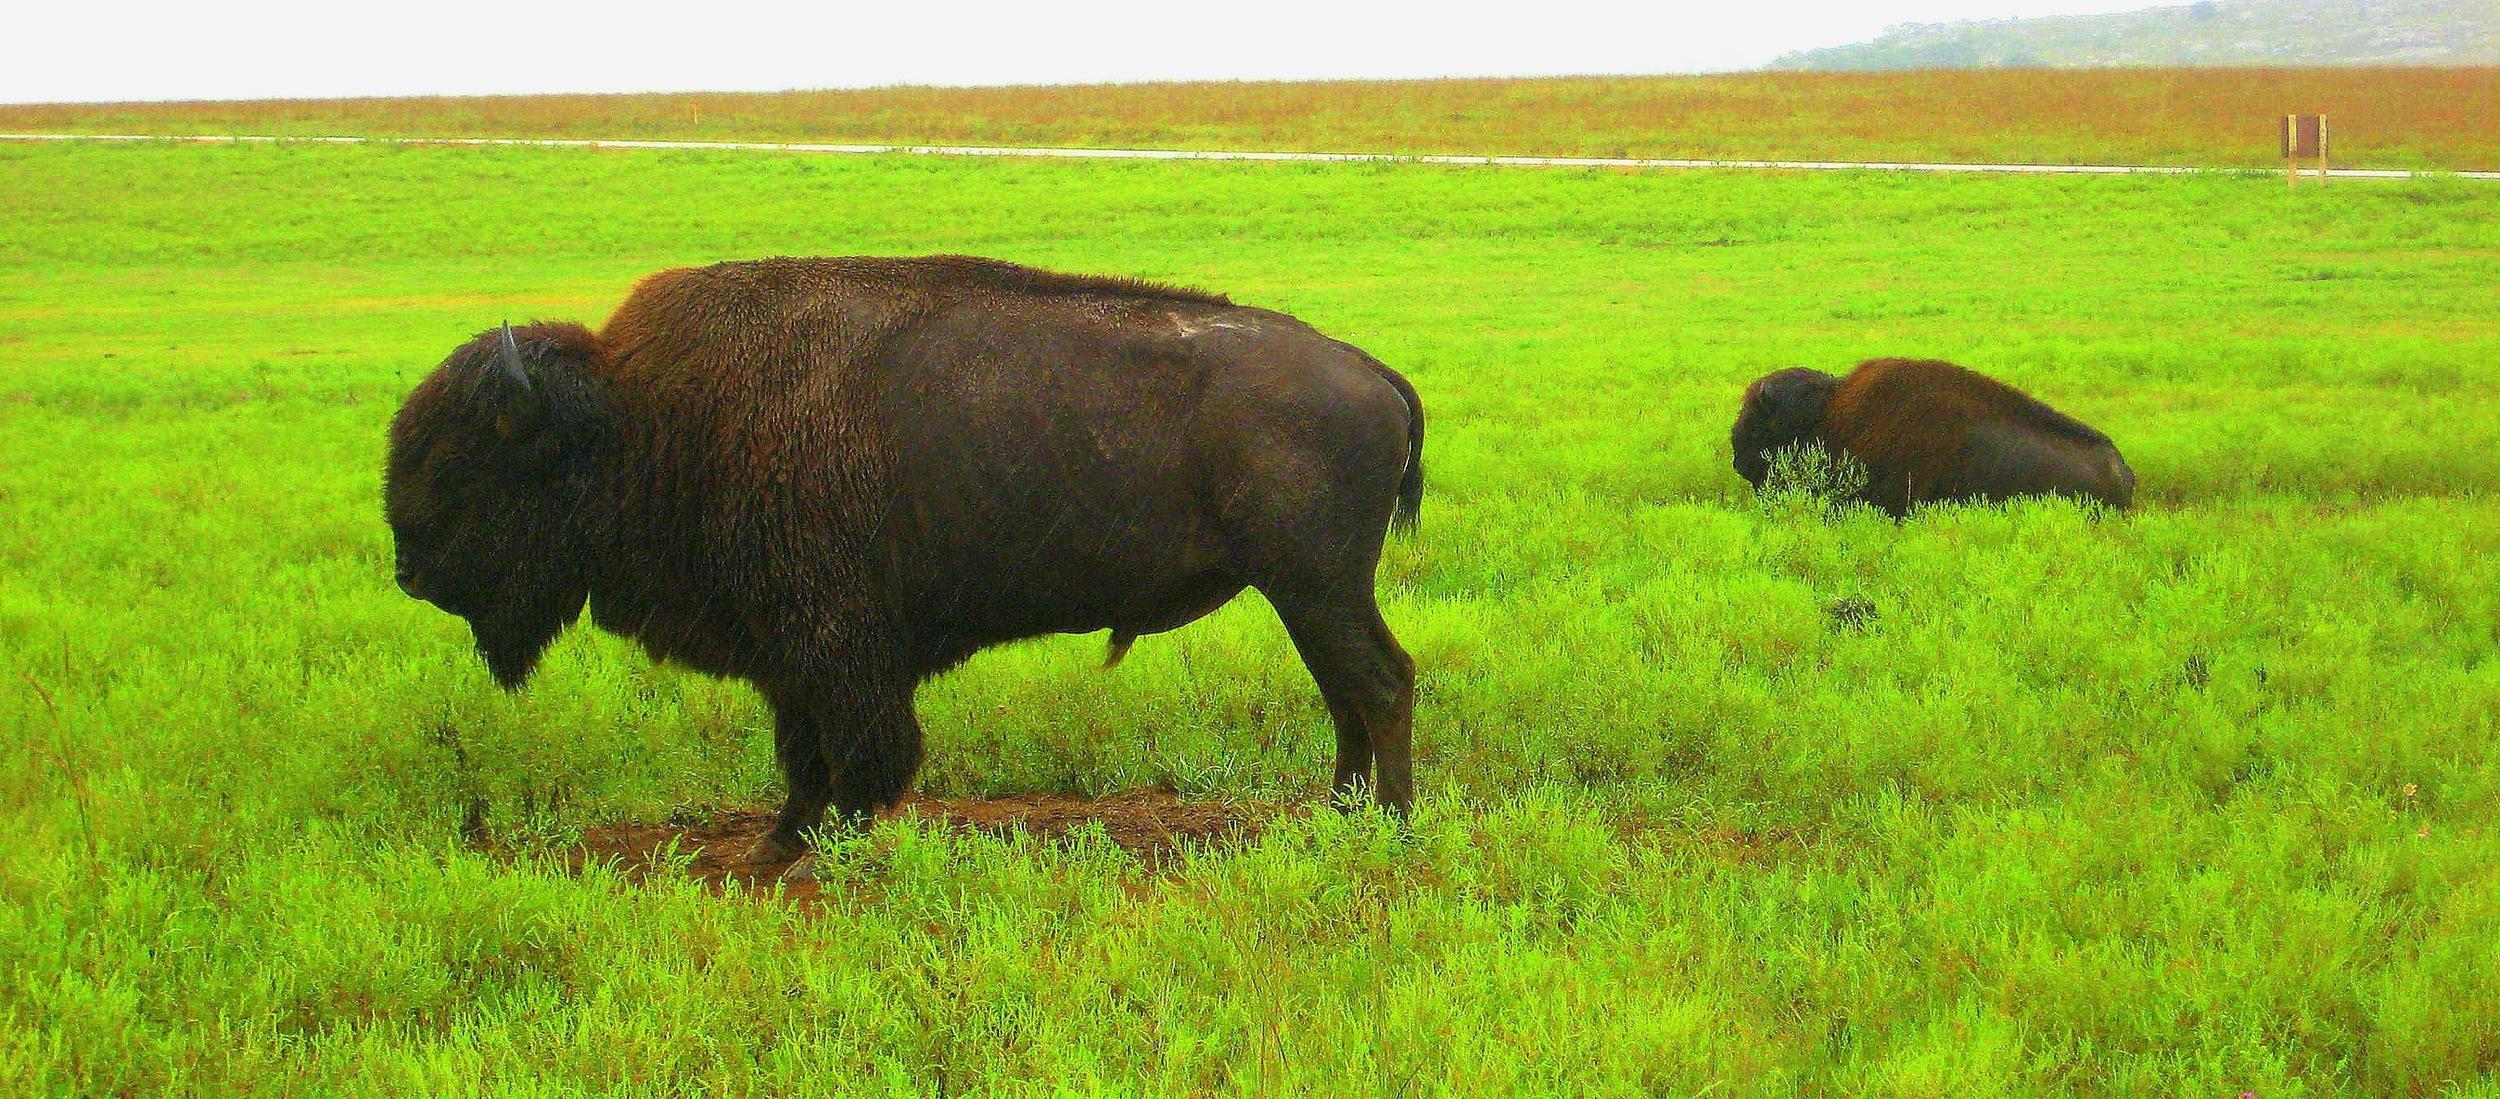 Wichita Mountains Wildlife Refuge, near Lawton, Oklahoma